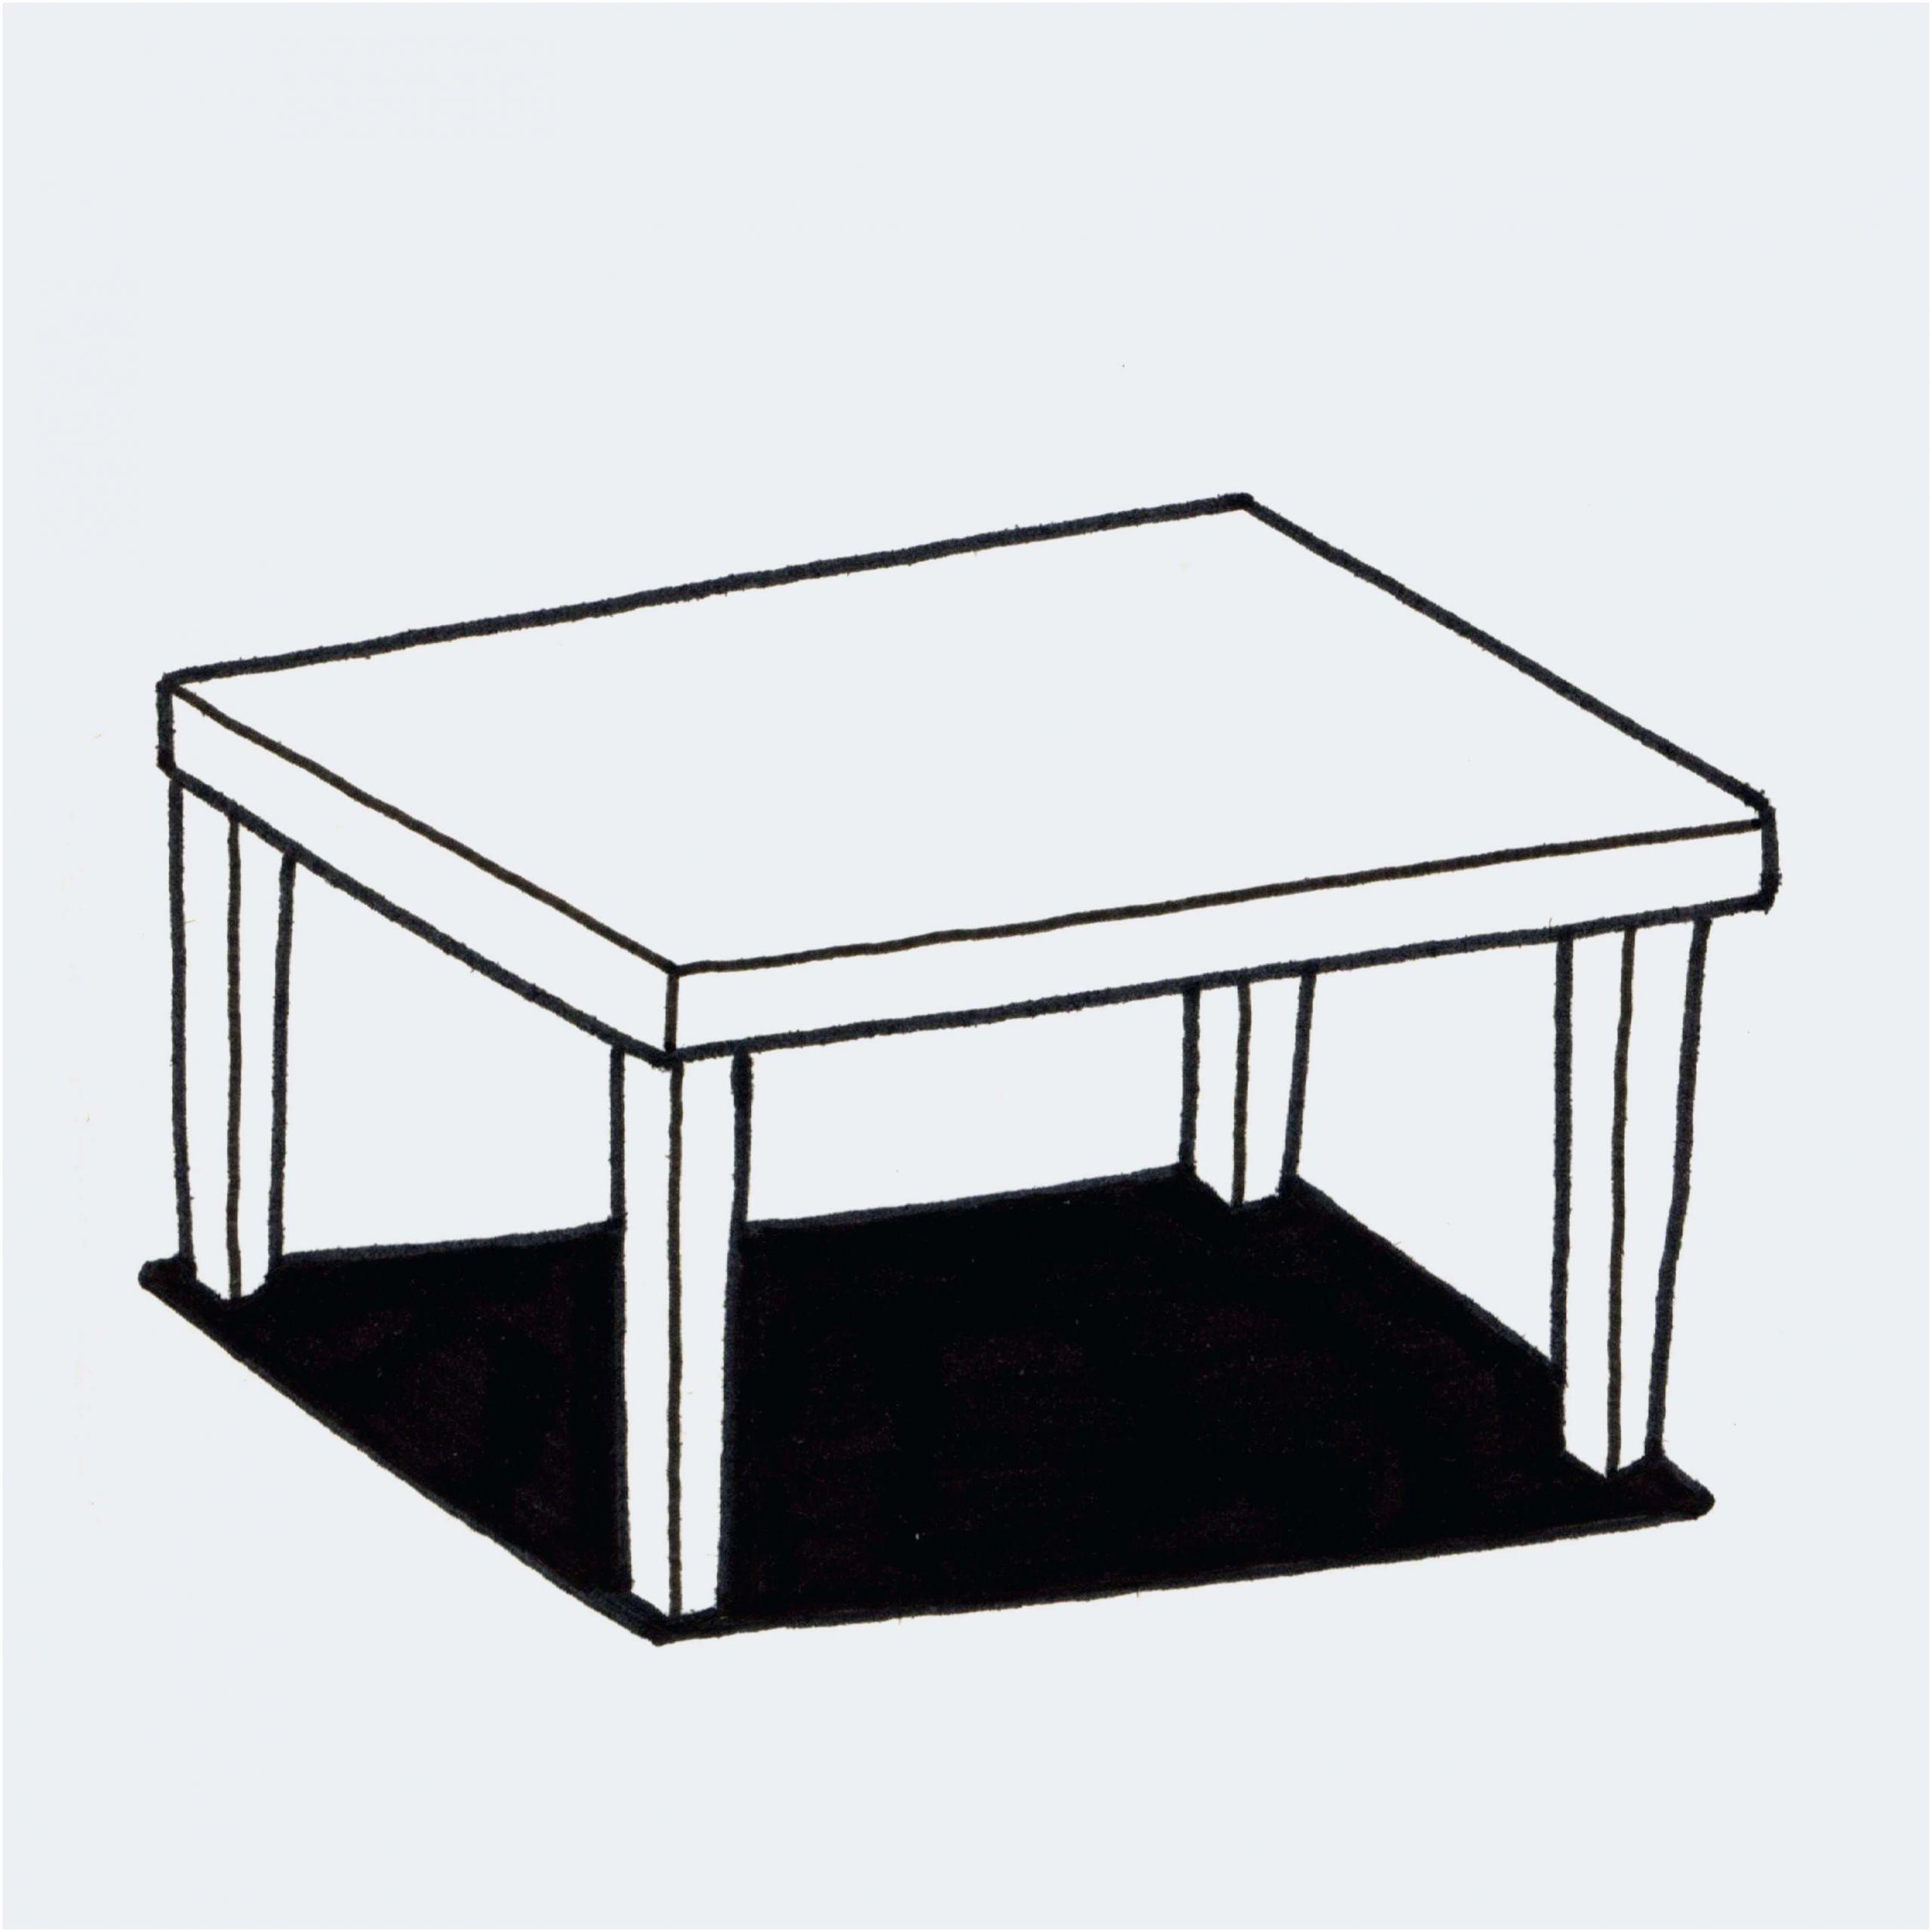 table pliante marche beau table de jardin aluminium avec rallonge 14 inspire luxe 40 de table basse noir laque opinion pour meilleur table pliante marche